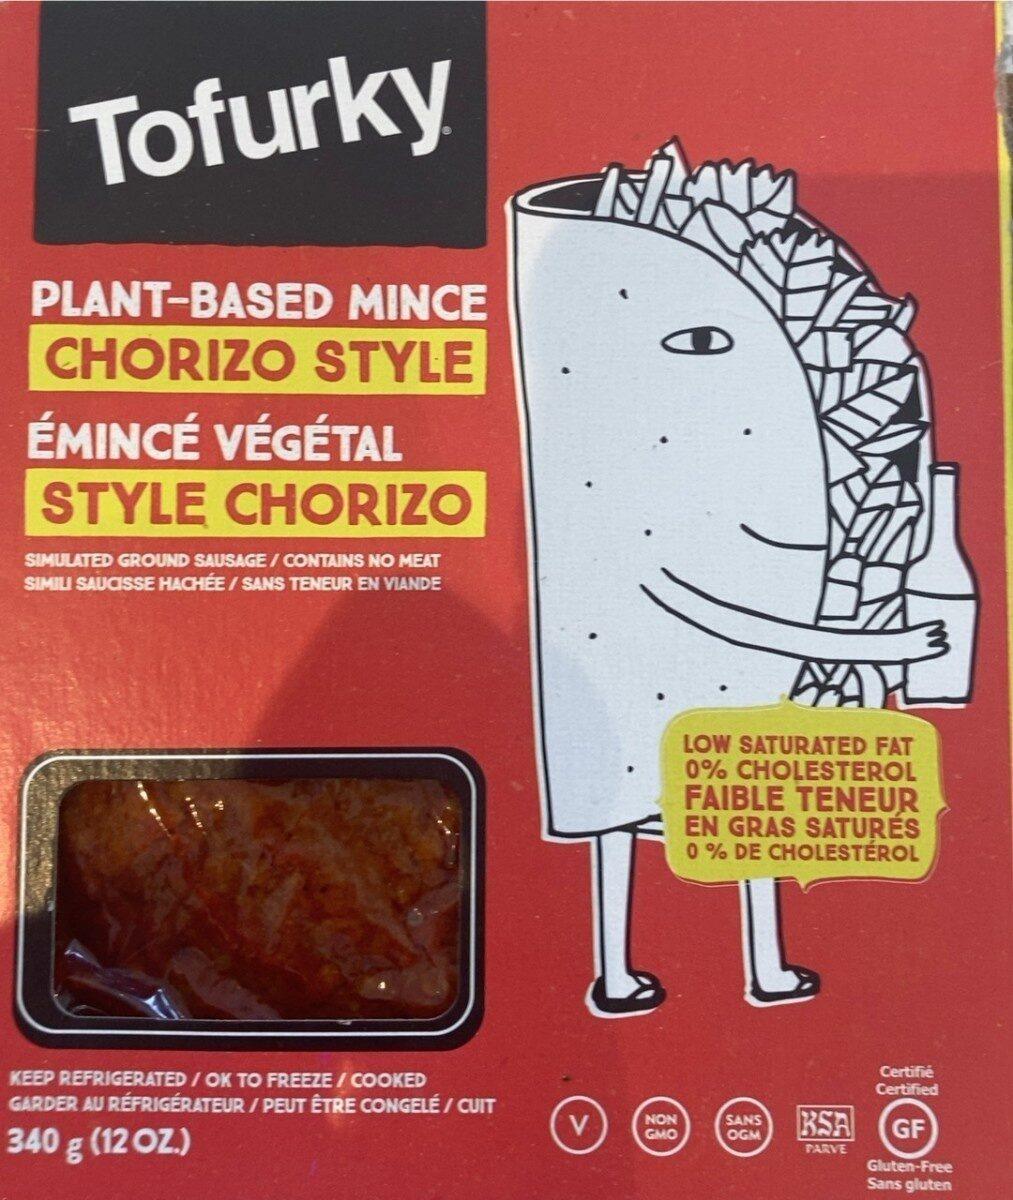 Émincé végétal Sty'e Chorizo - Produit - en